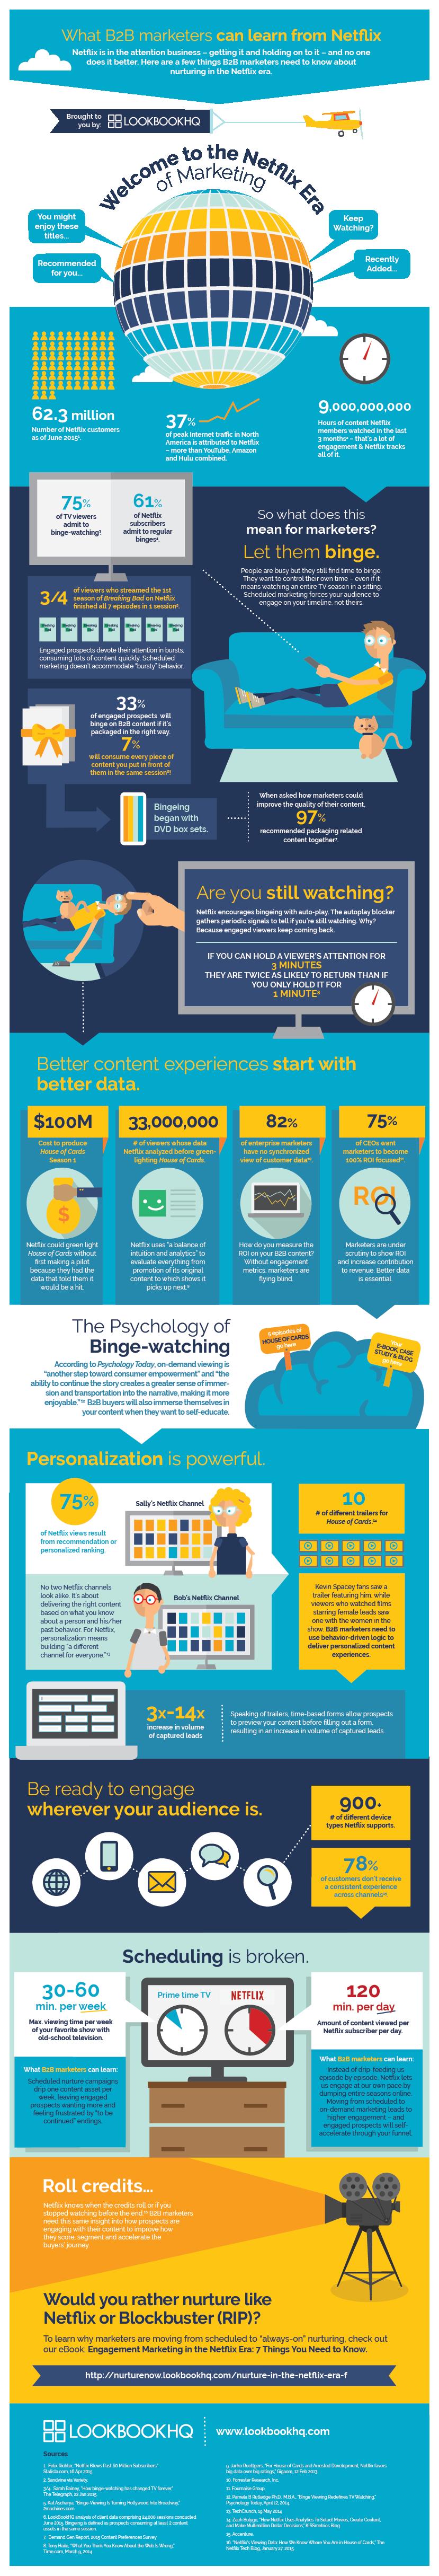 LookBook_Netflix-Infographic-01.png